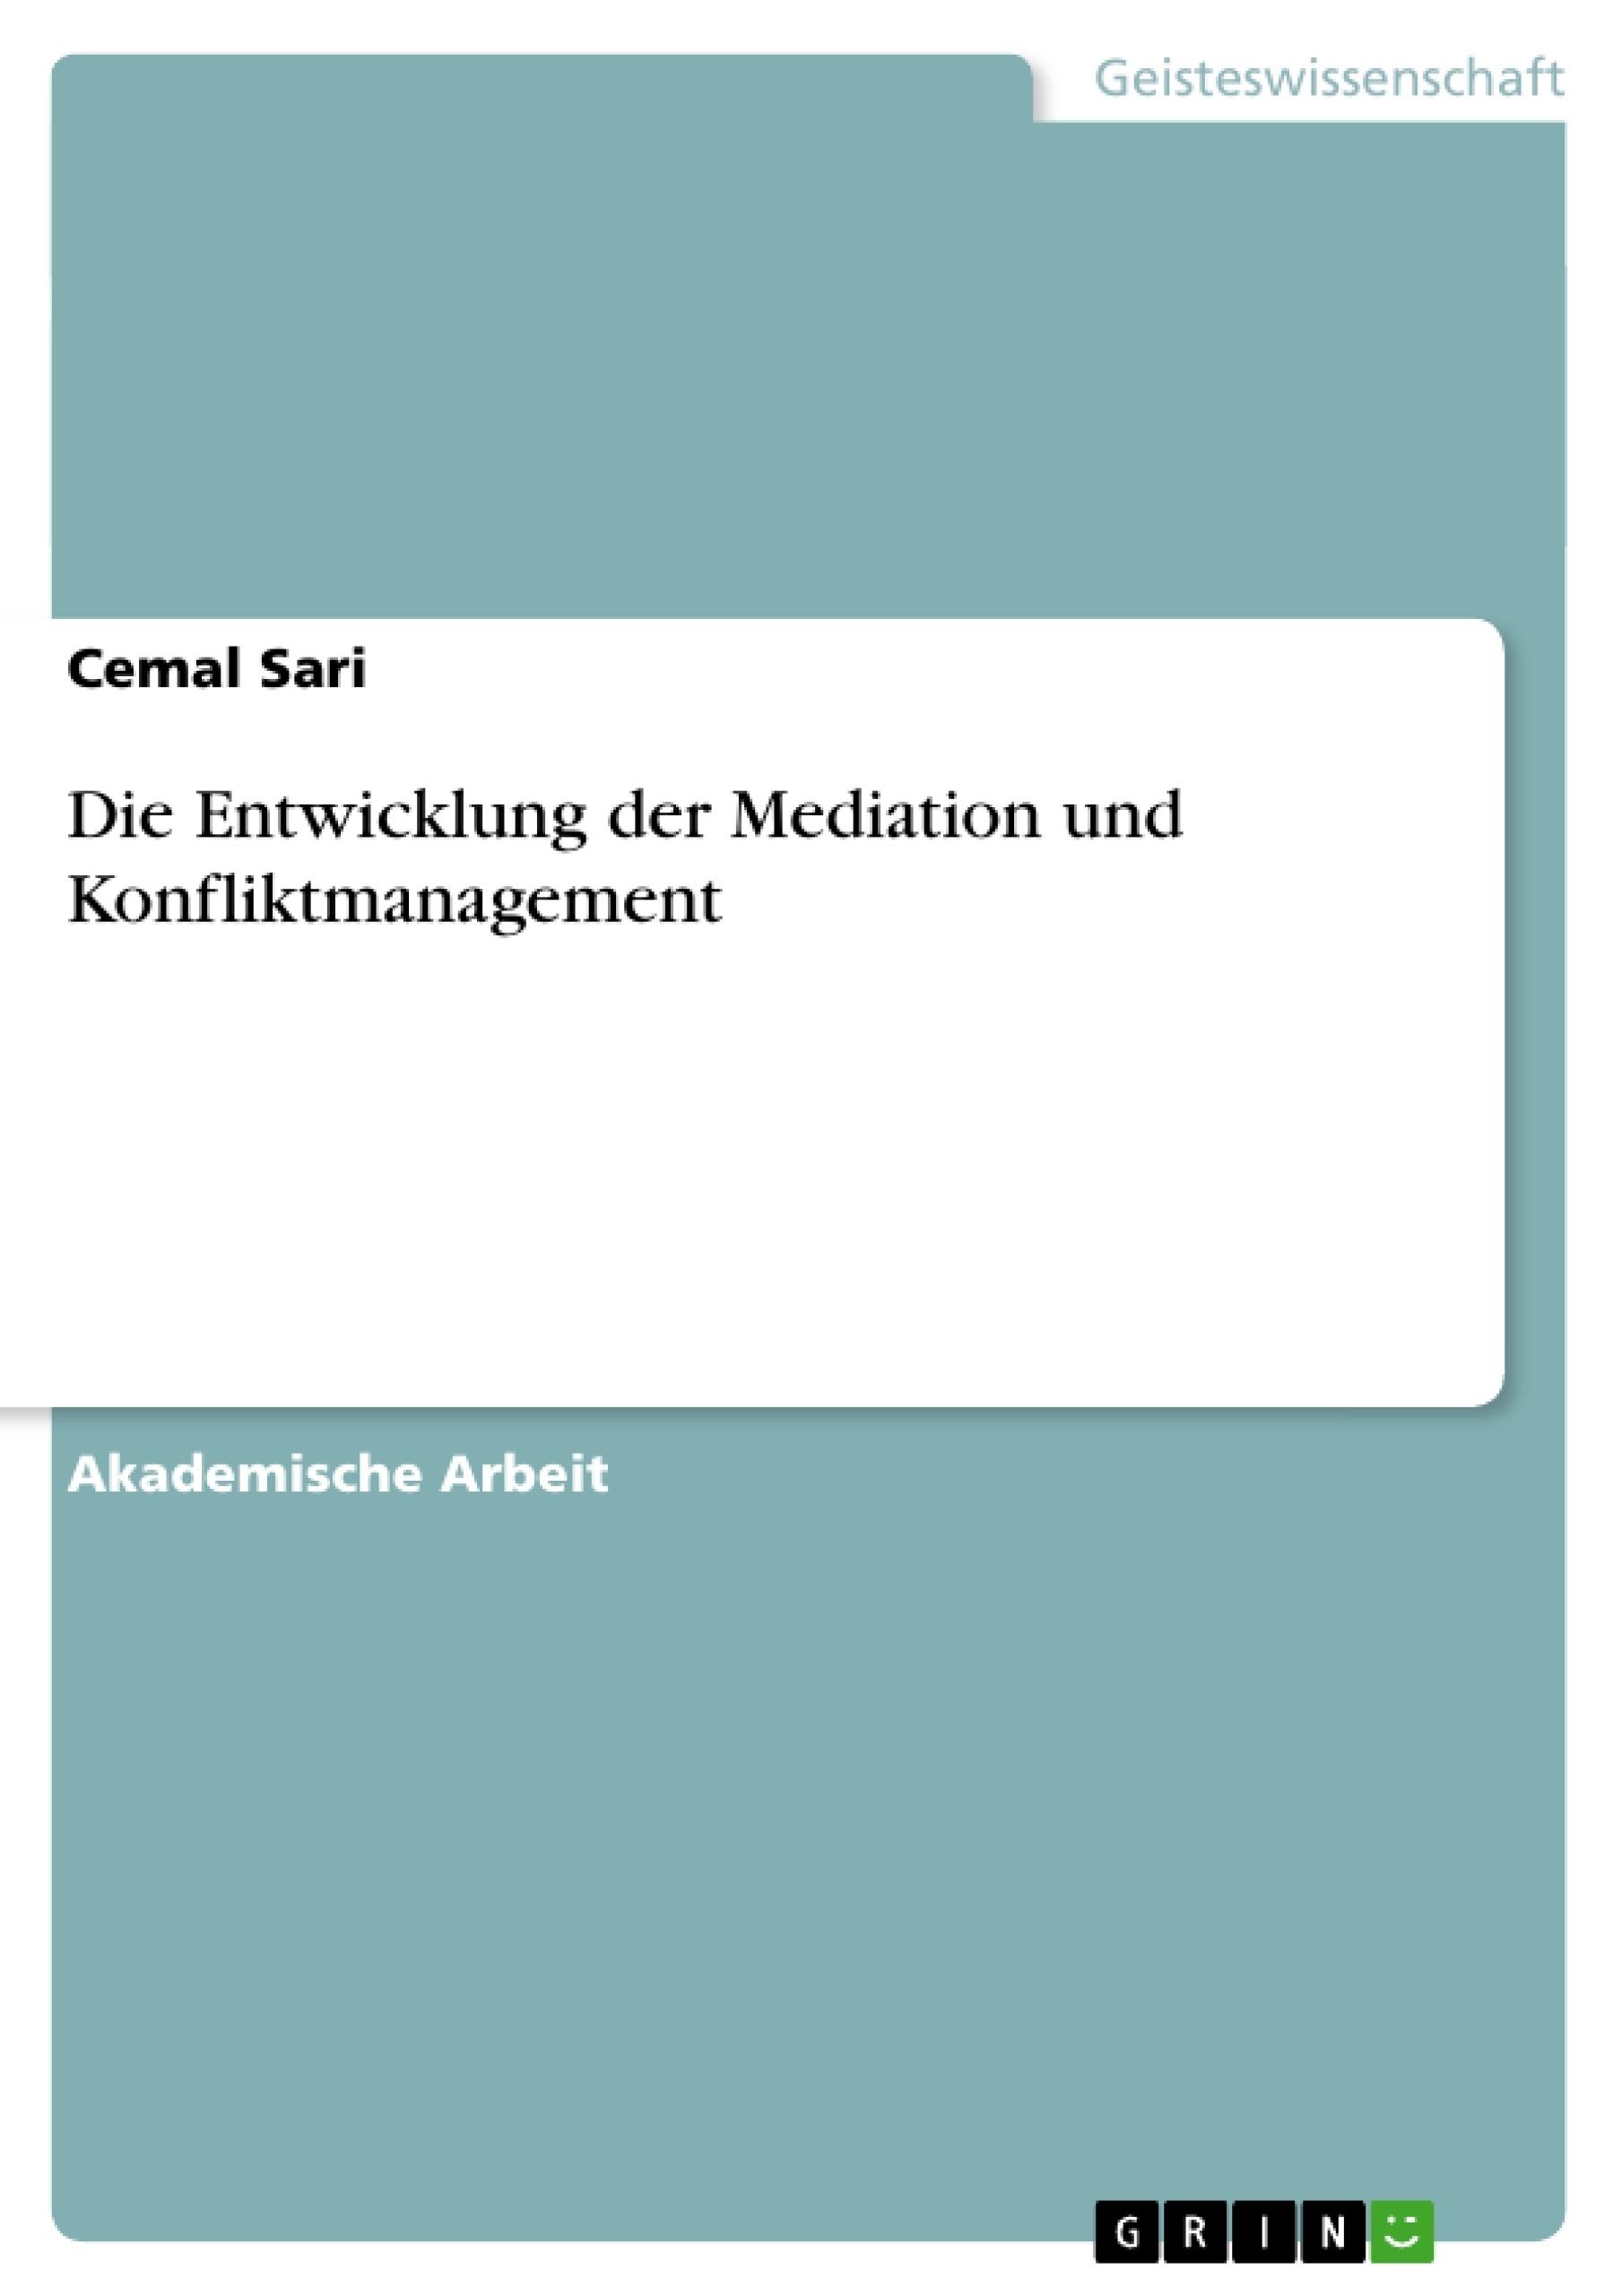 Titel: Die Entwicklung der Mediation und Konfliktmanagement